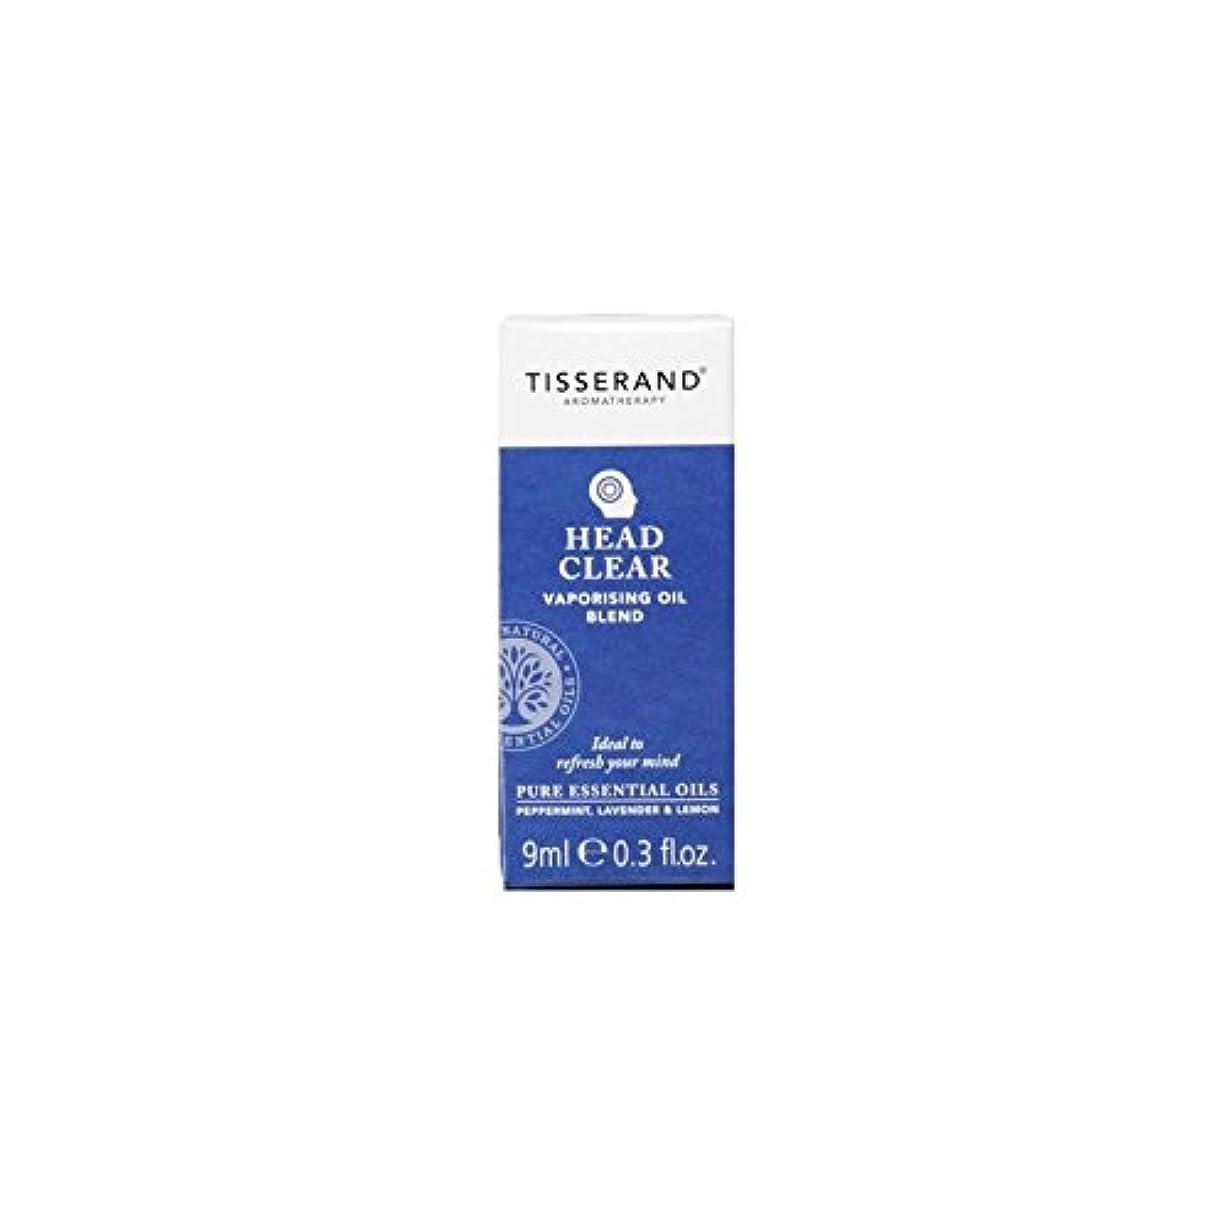 置き場気分が良いペルソナヘッド明確な気化油の9ミリリットル (Tisserand) (x 4) - Tisserand Head Clear Vaporising Oil 9ml (Pack of 4) [並行輸入品]